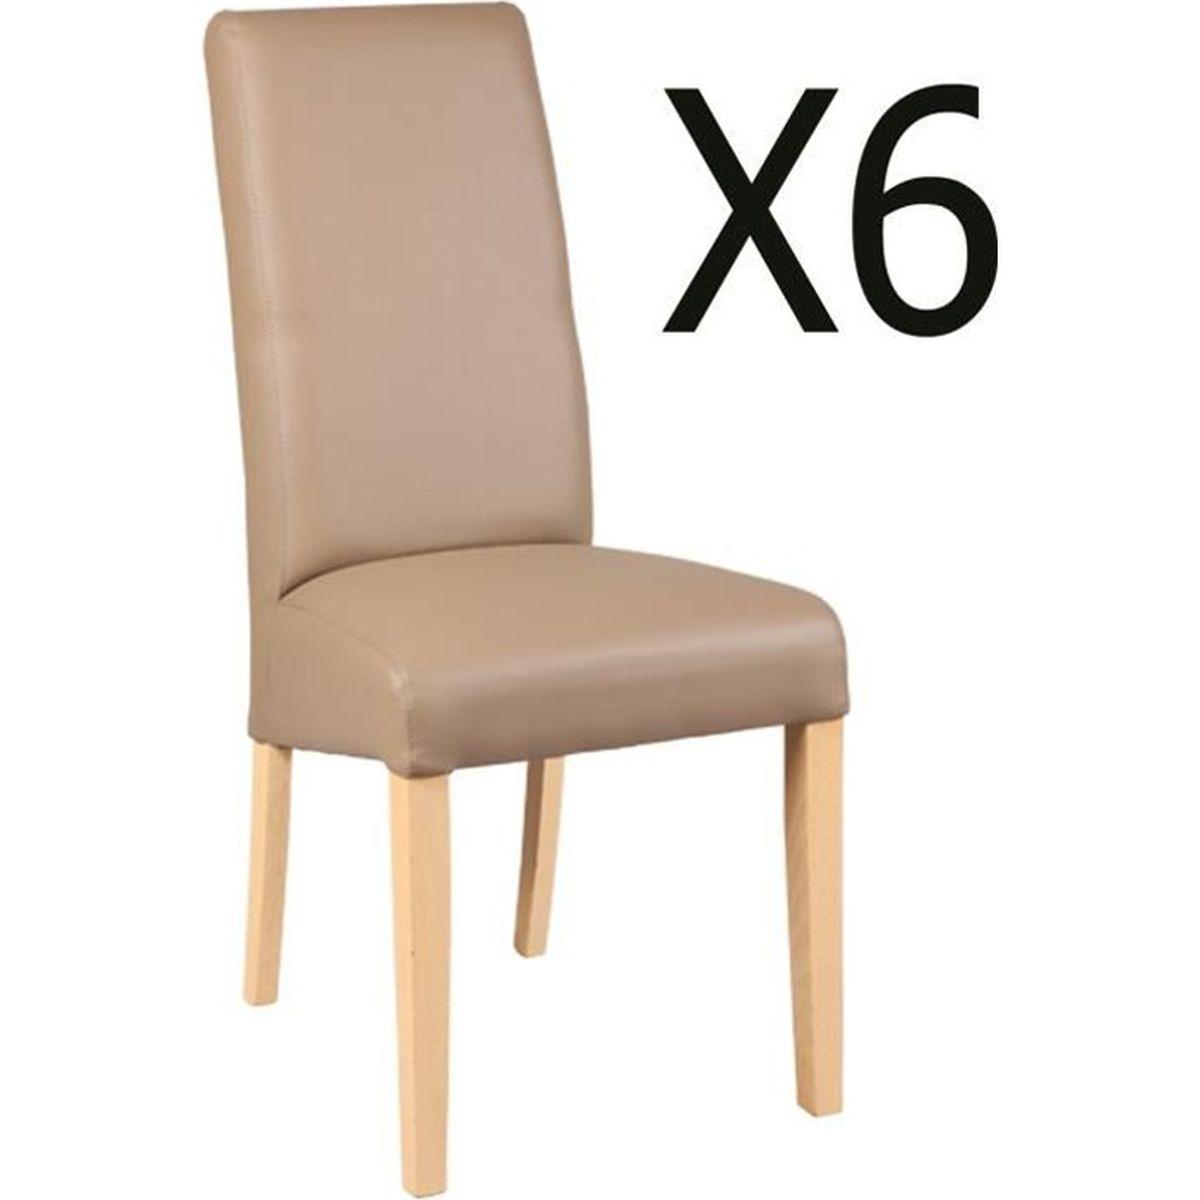 chaise lot de 6 chaises en htre et simili cuir coloris t - Chaise Simili Cuir